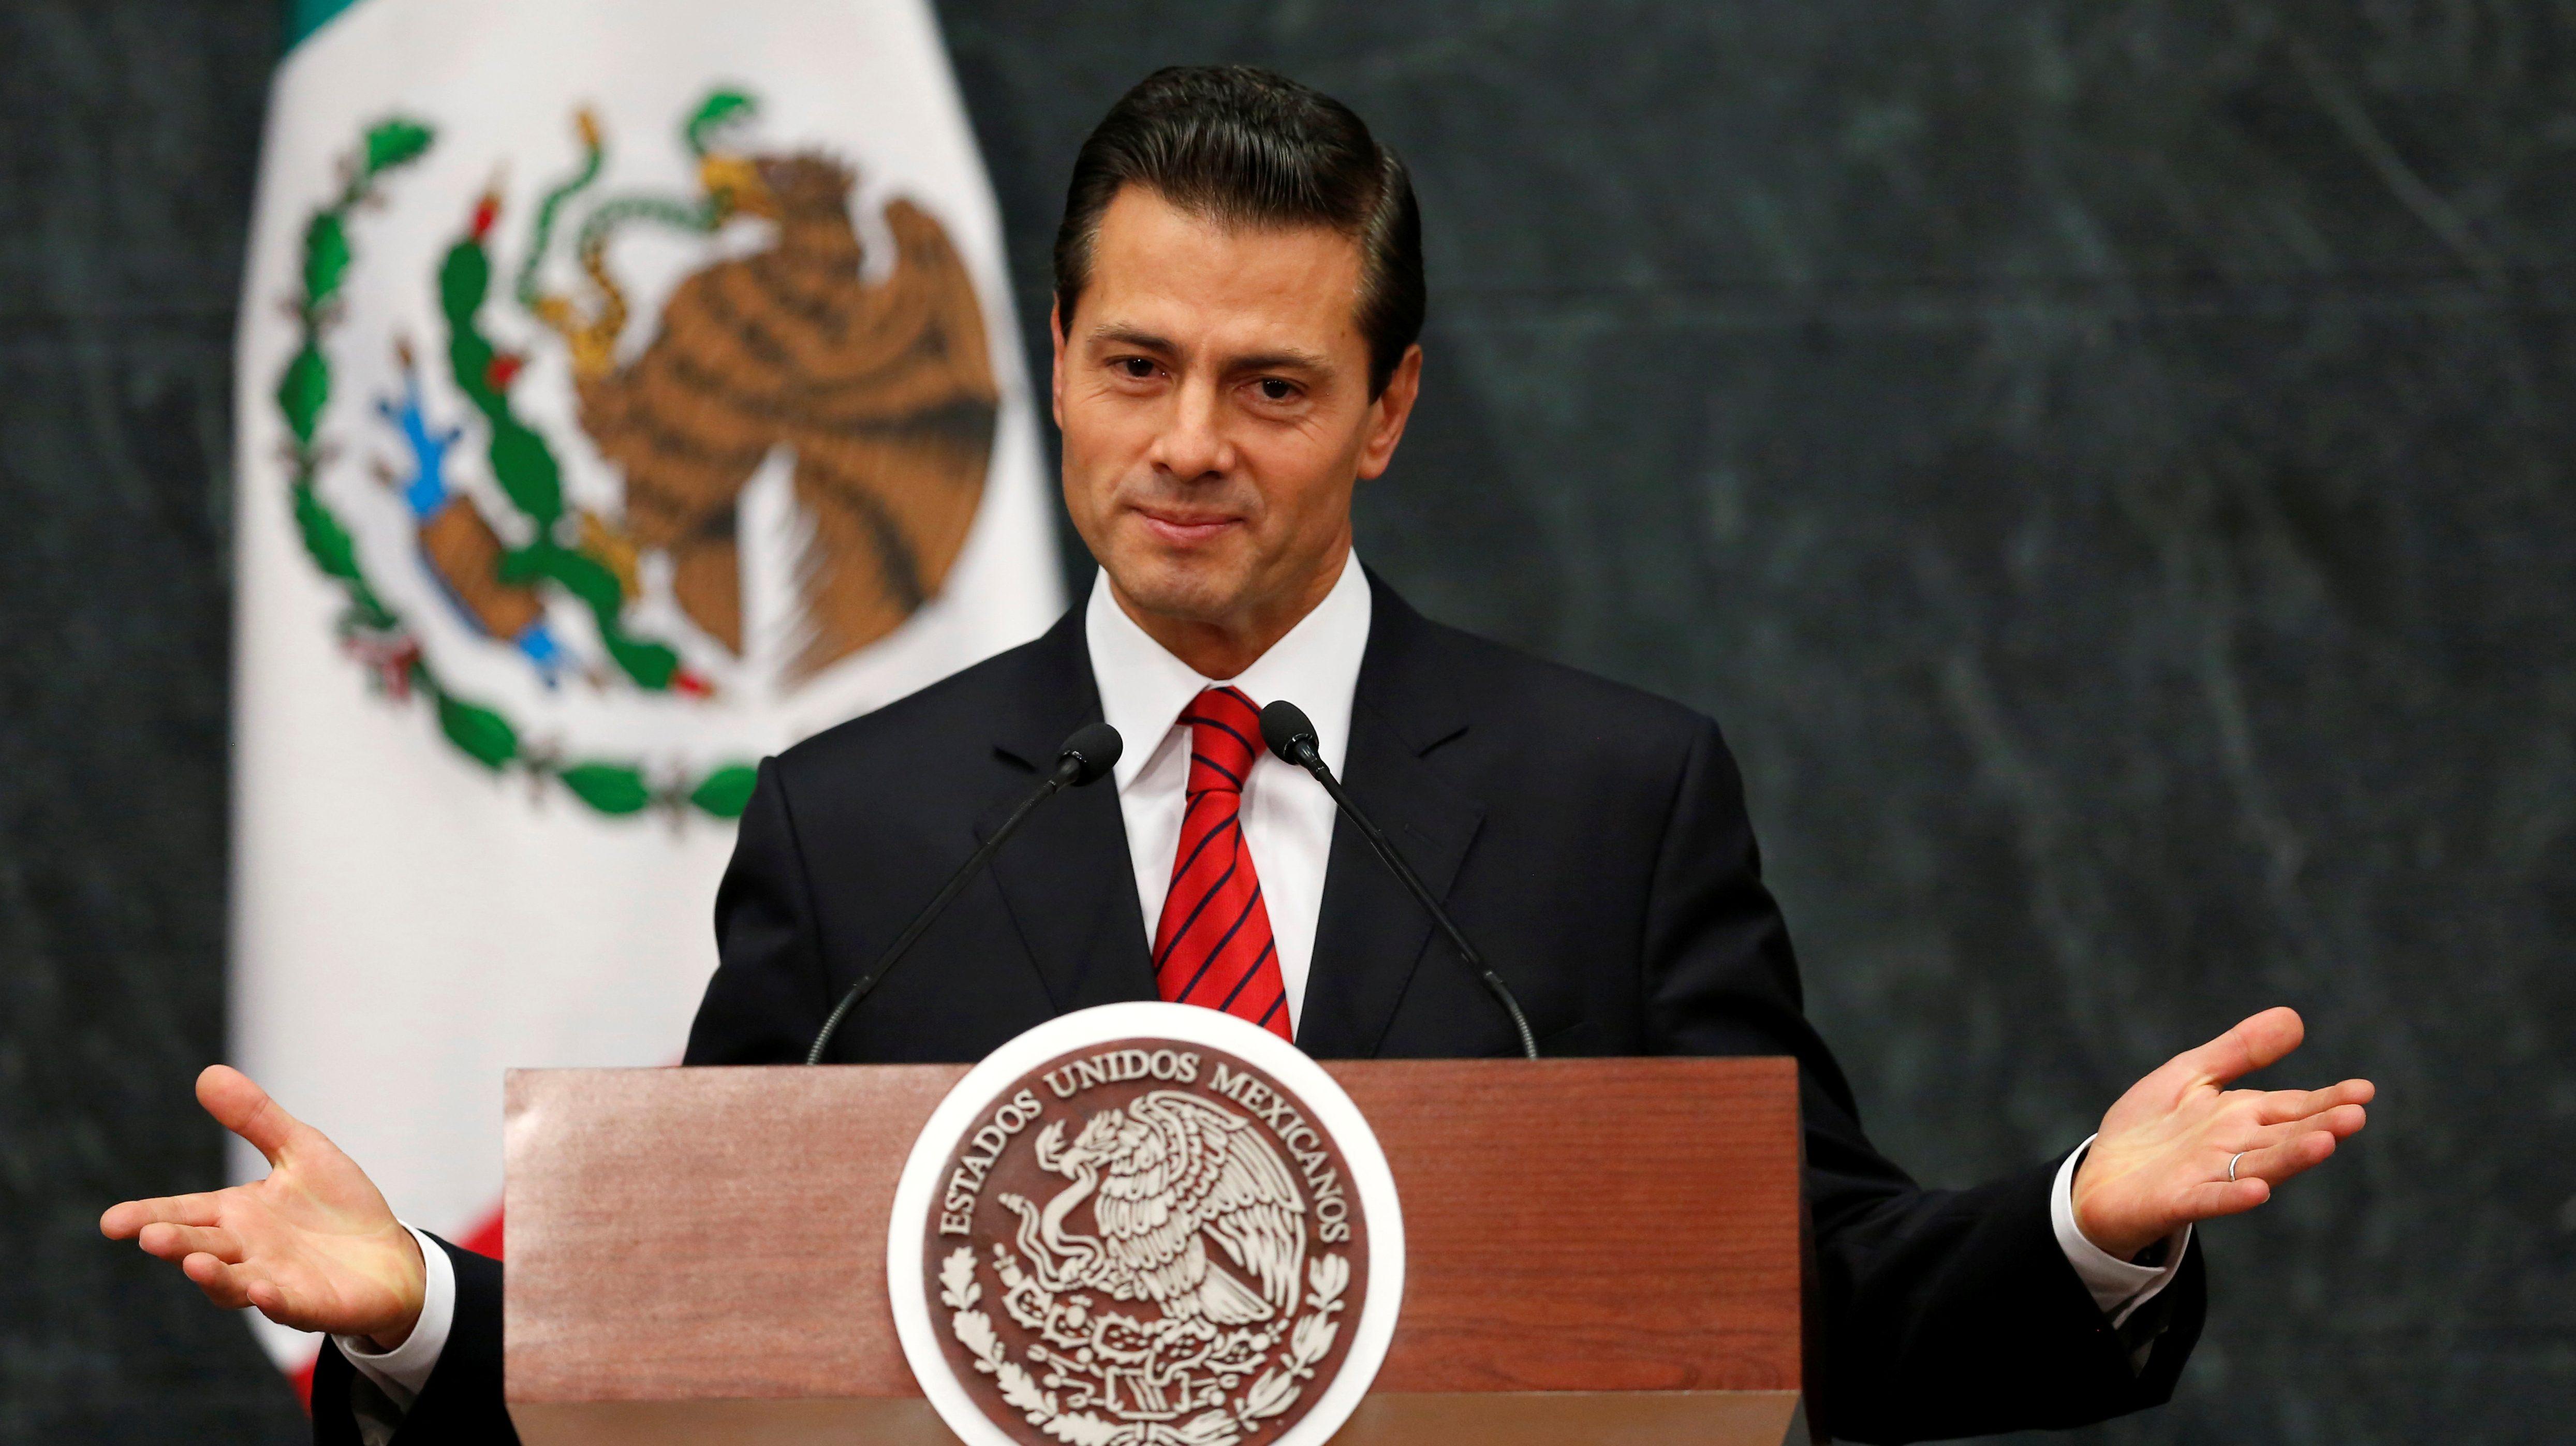 Image result for Enrique Pena Nieto